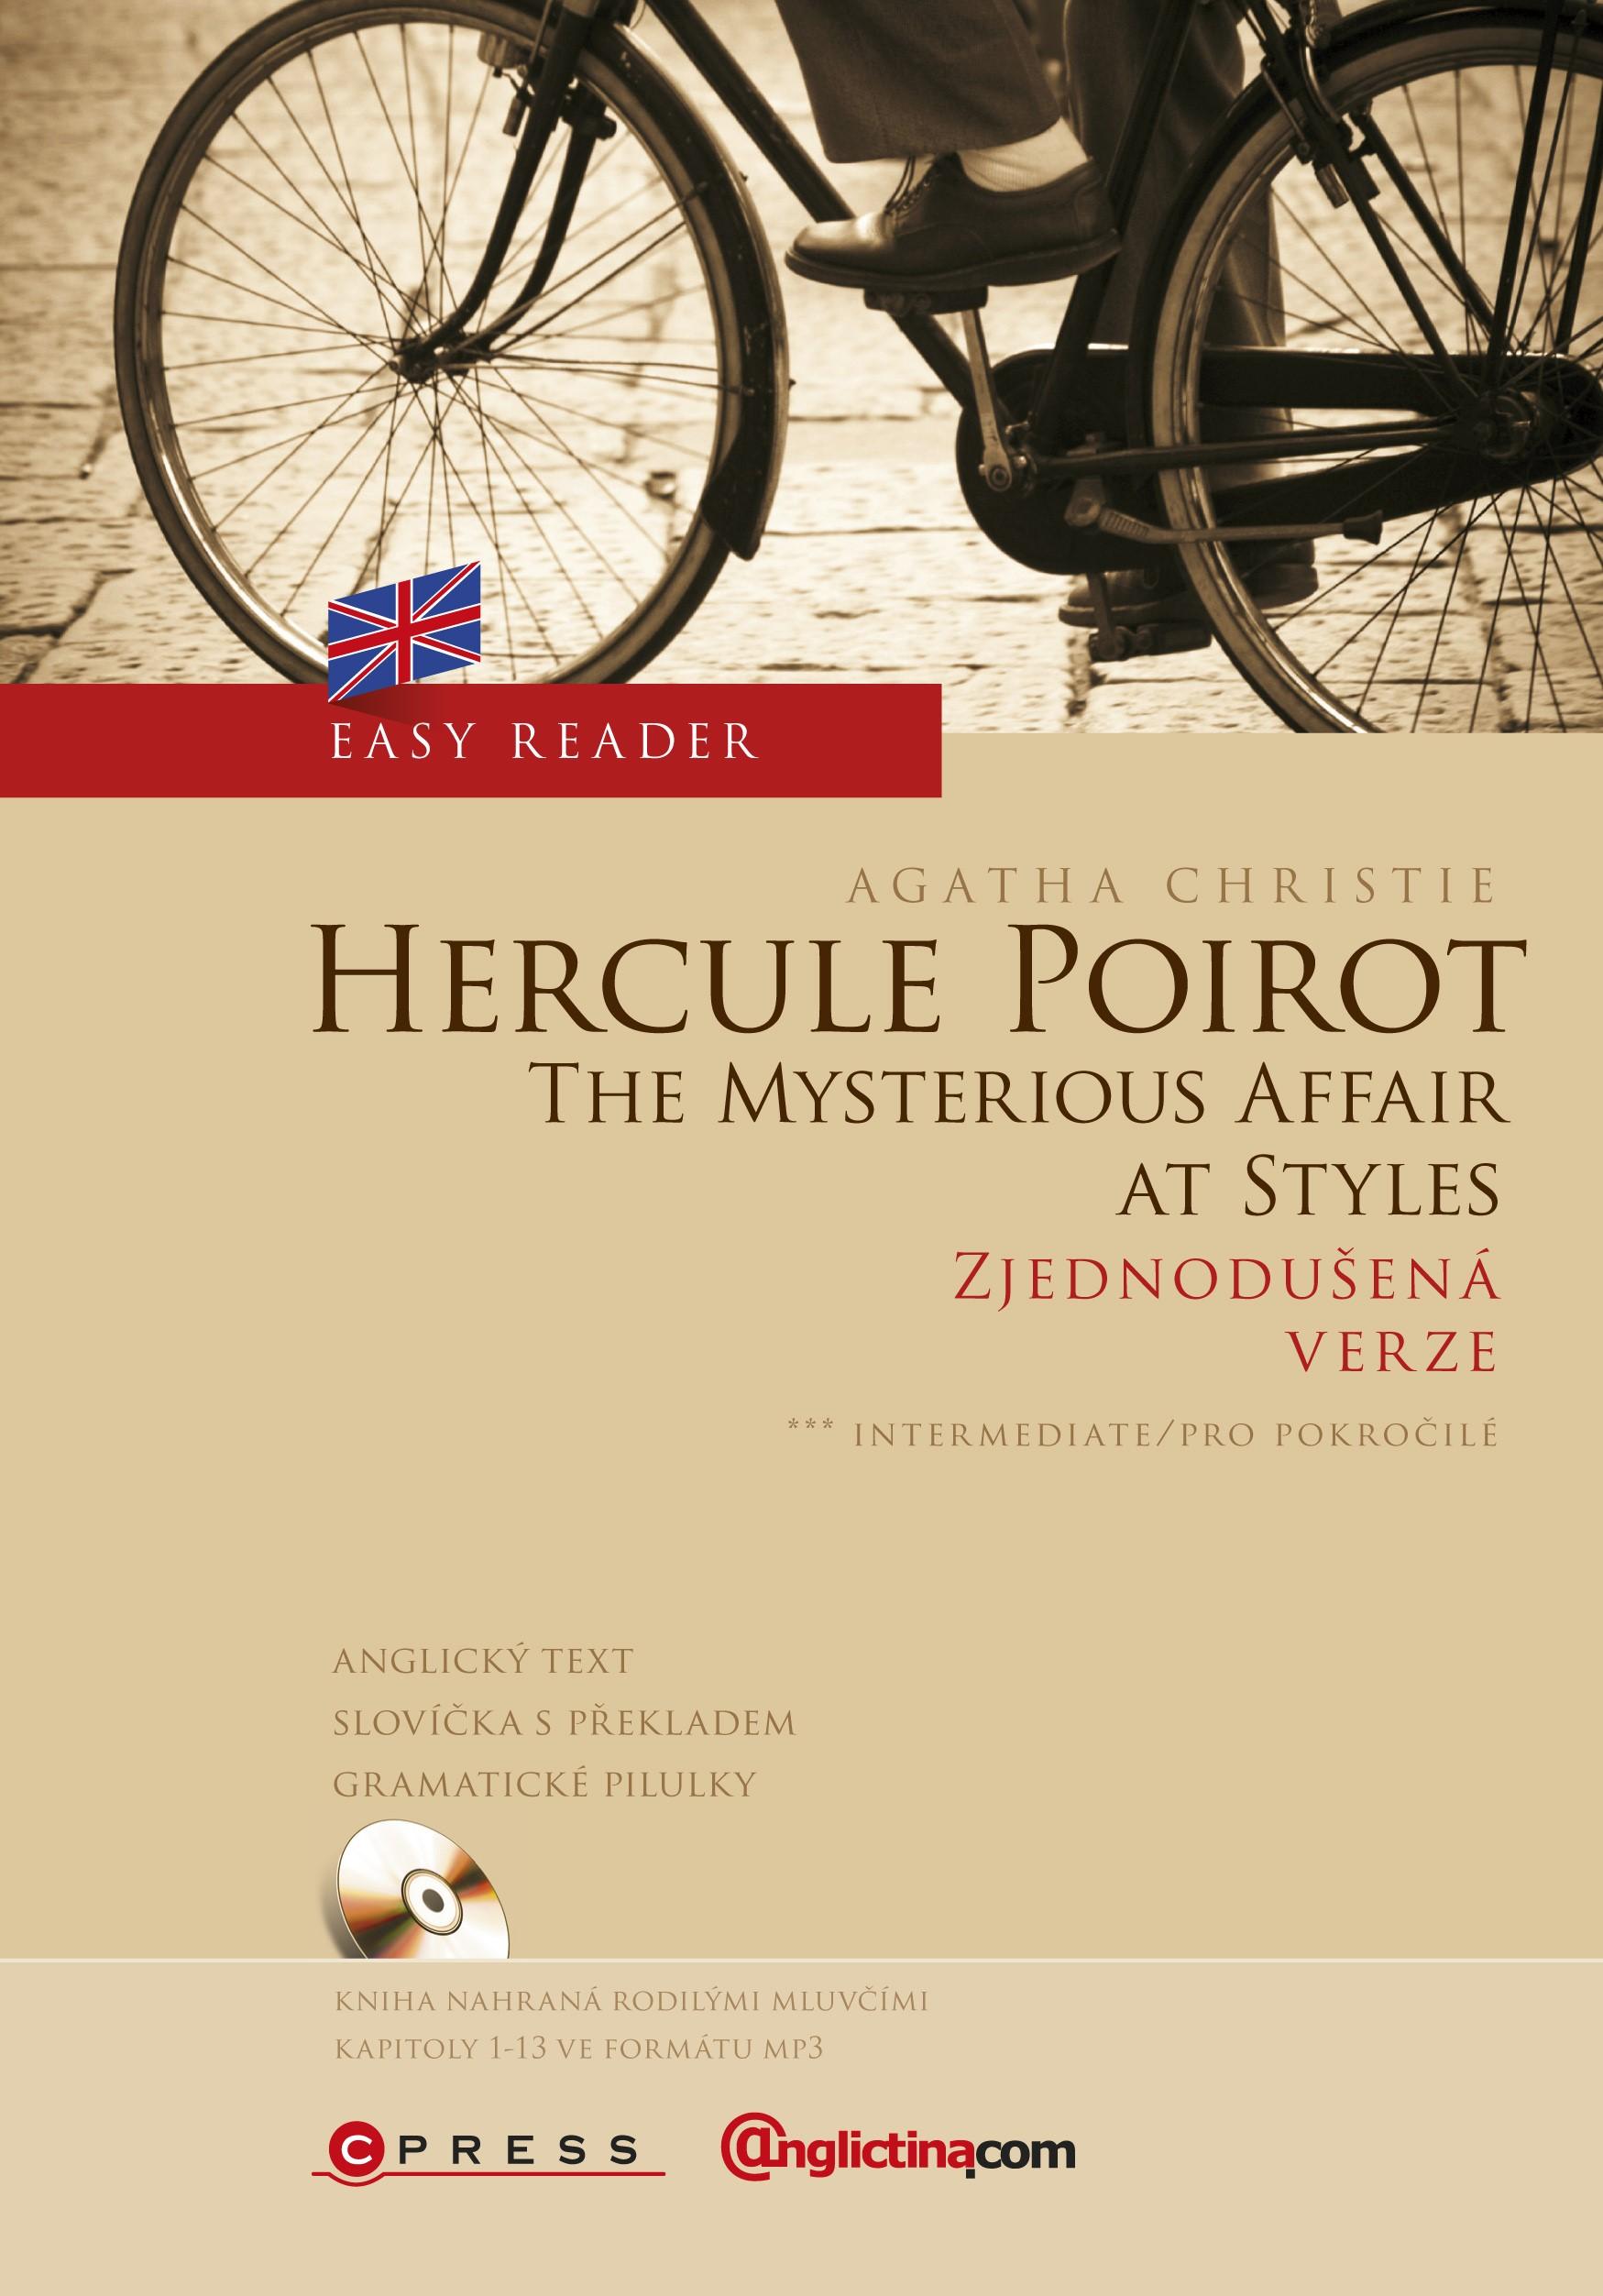 Hercule Poirot | Agatha Christie